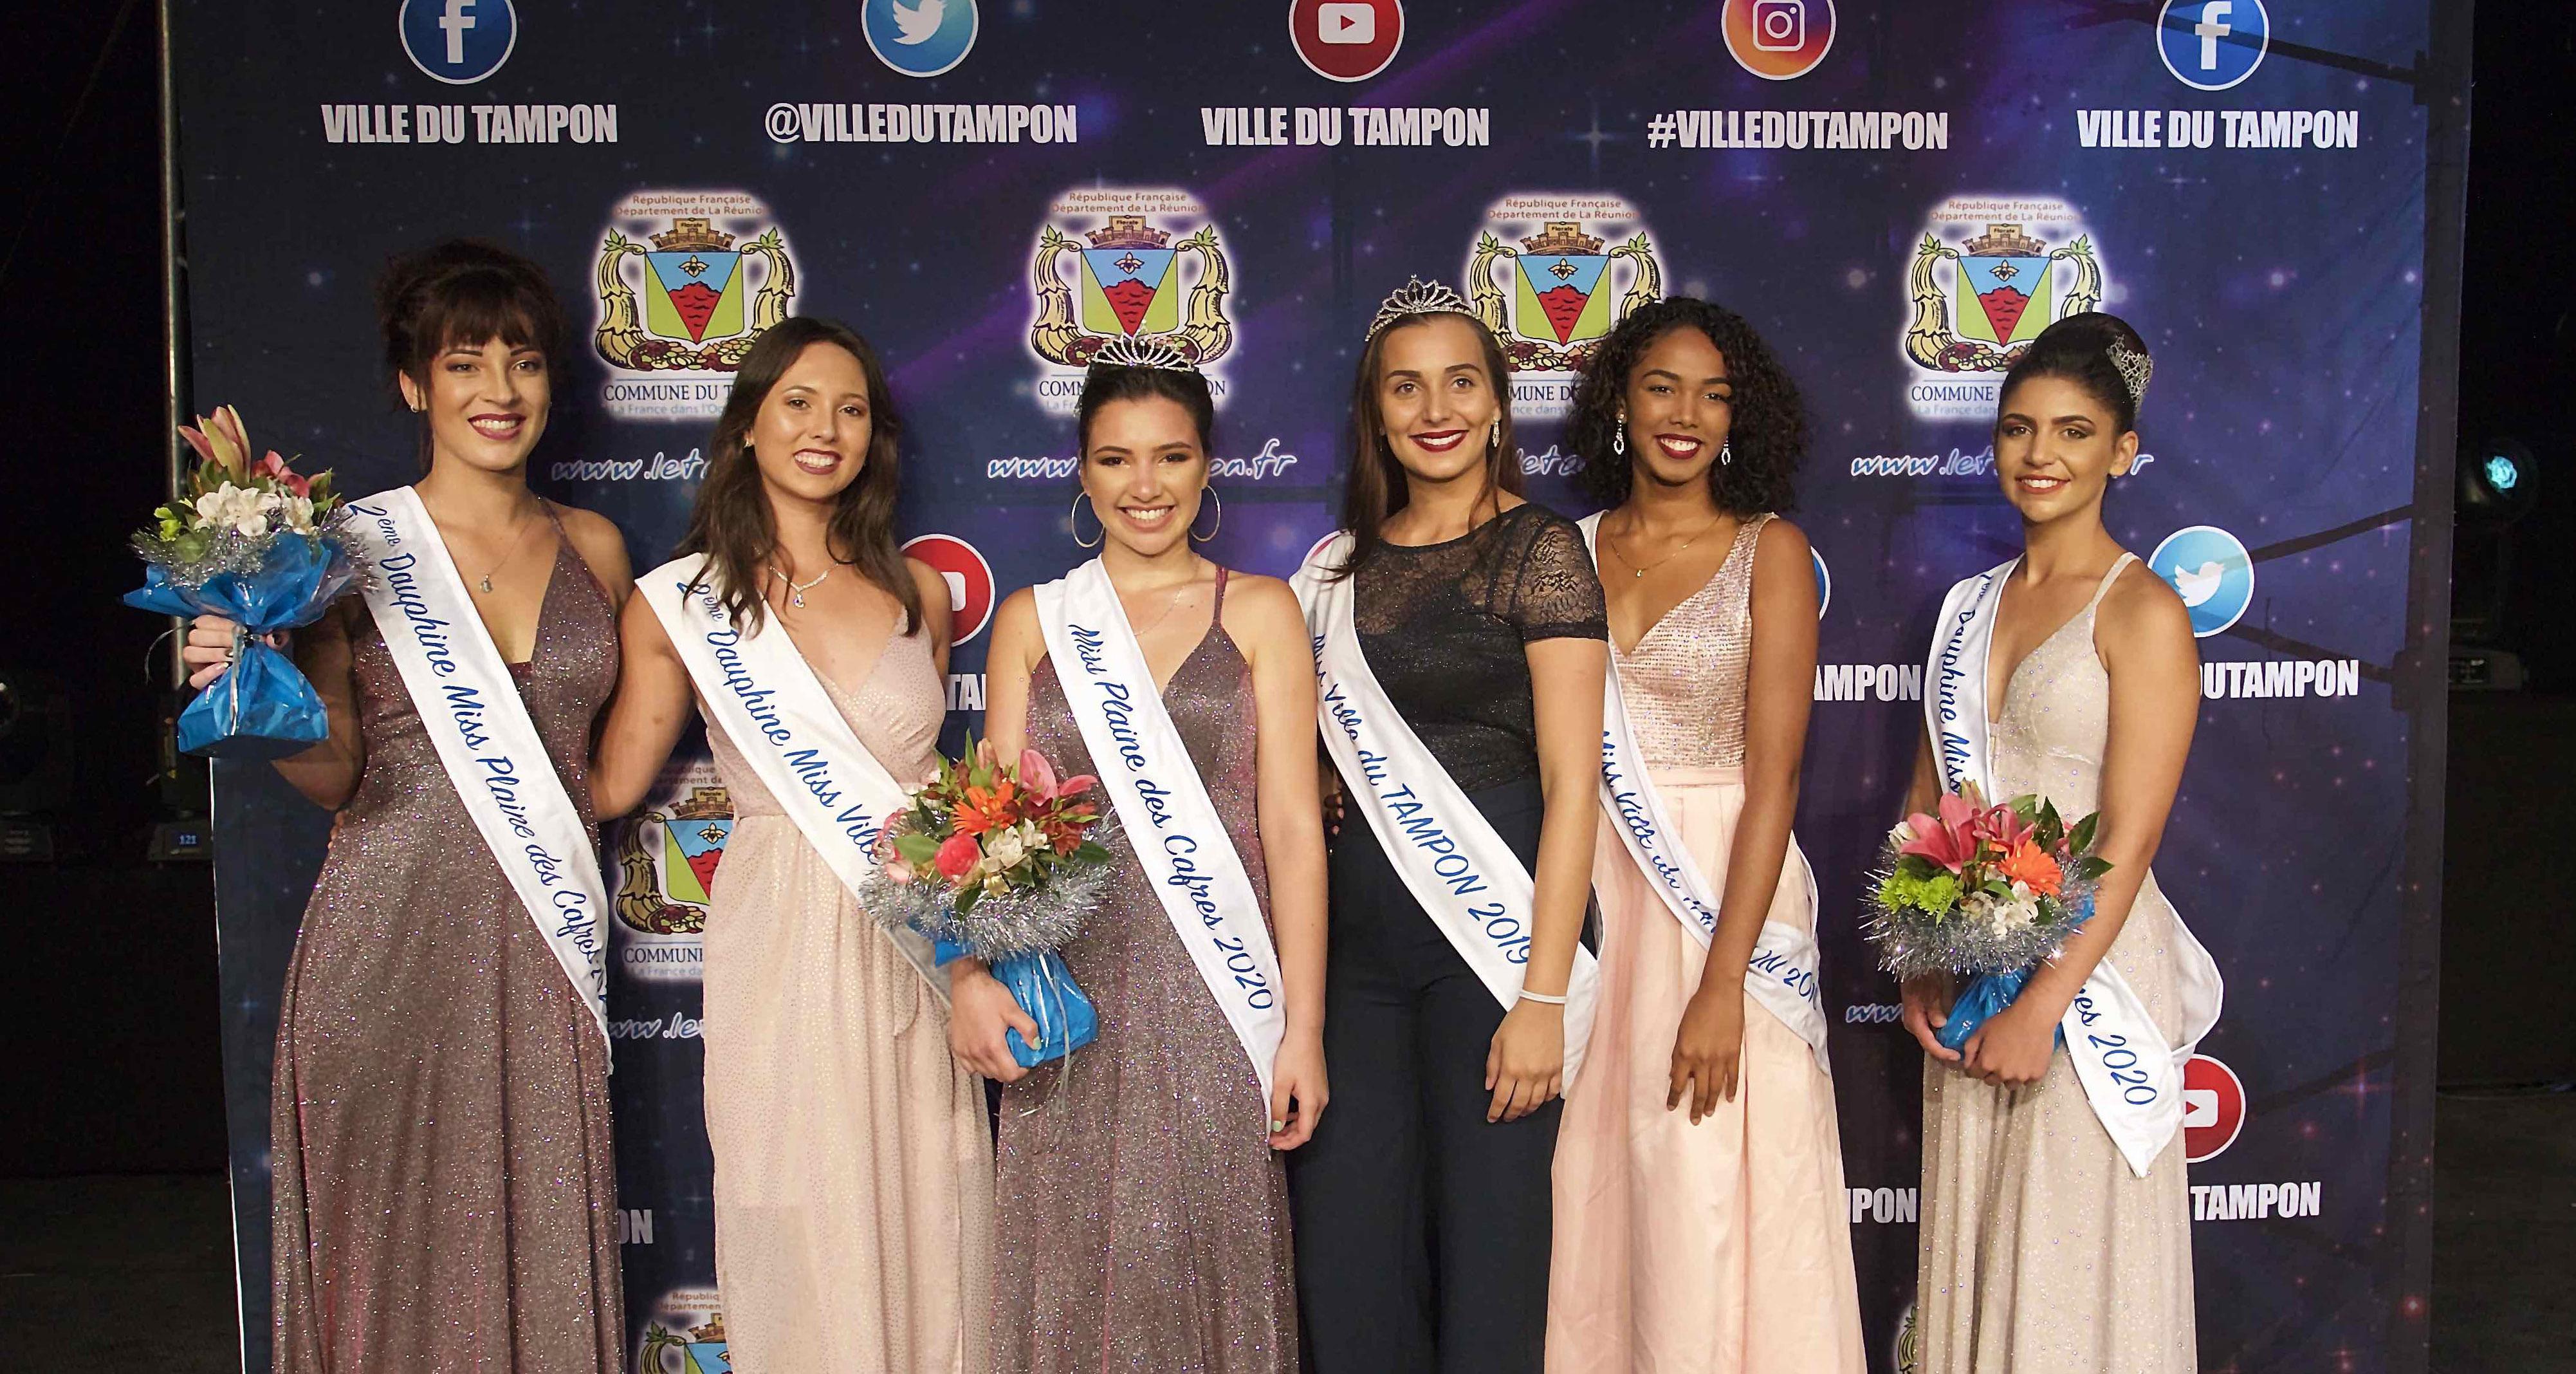 Miss Plaine des Cafres 2019 et Miss Ville du Tampon 2019 avec leurs dauphines